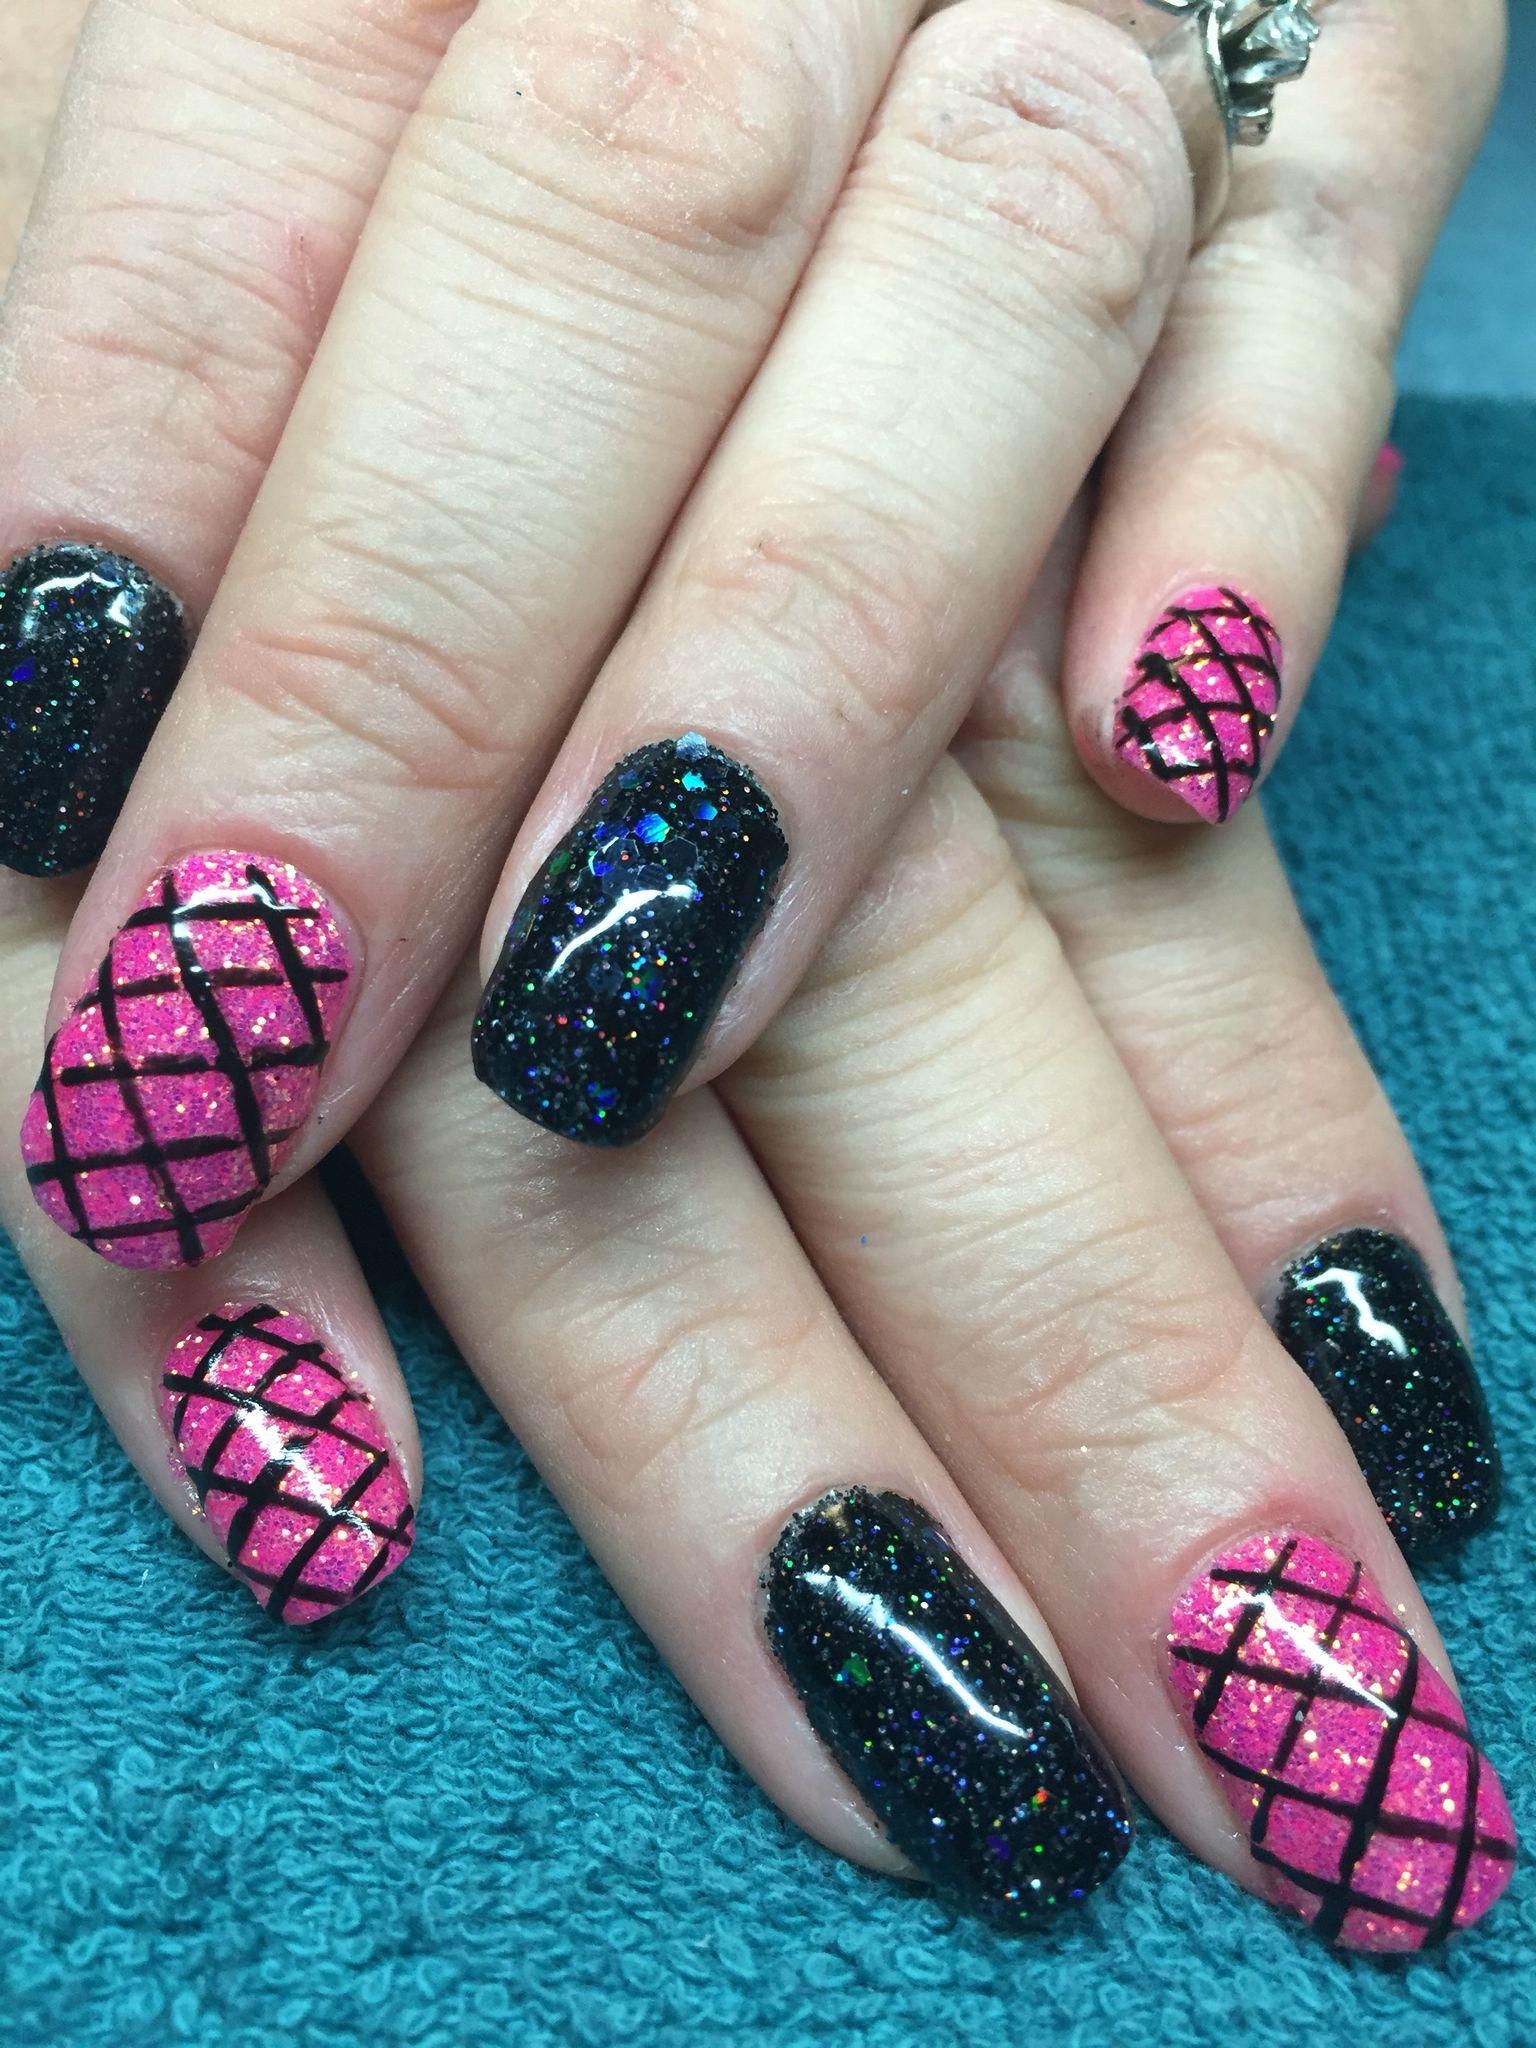 Hot pink and black #nails #nail art